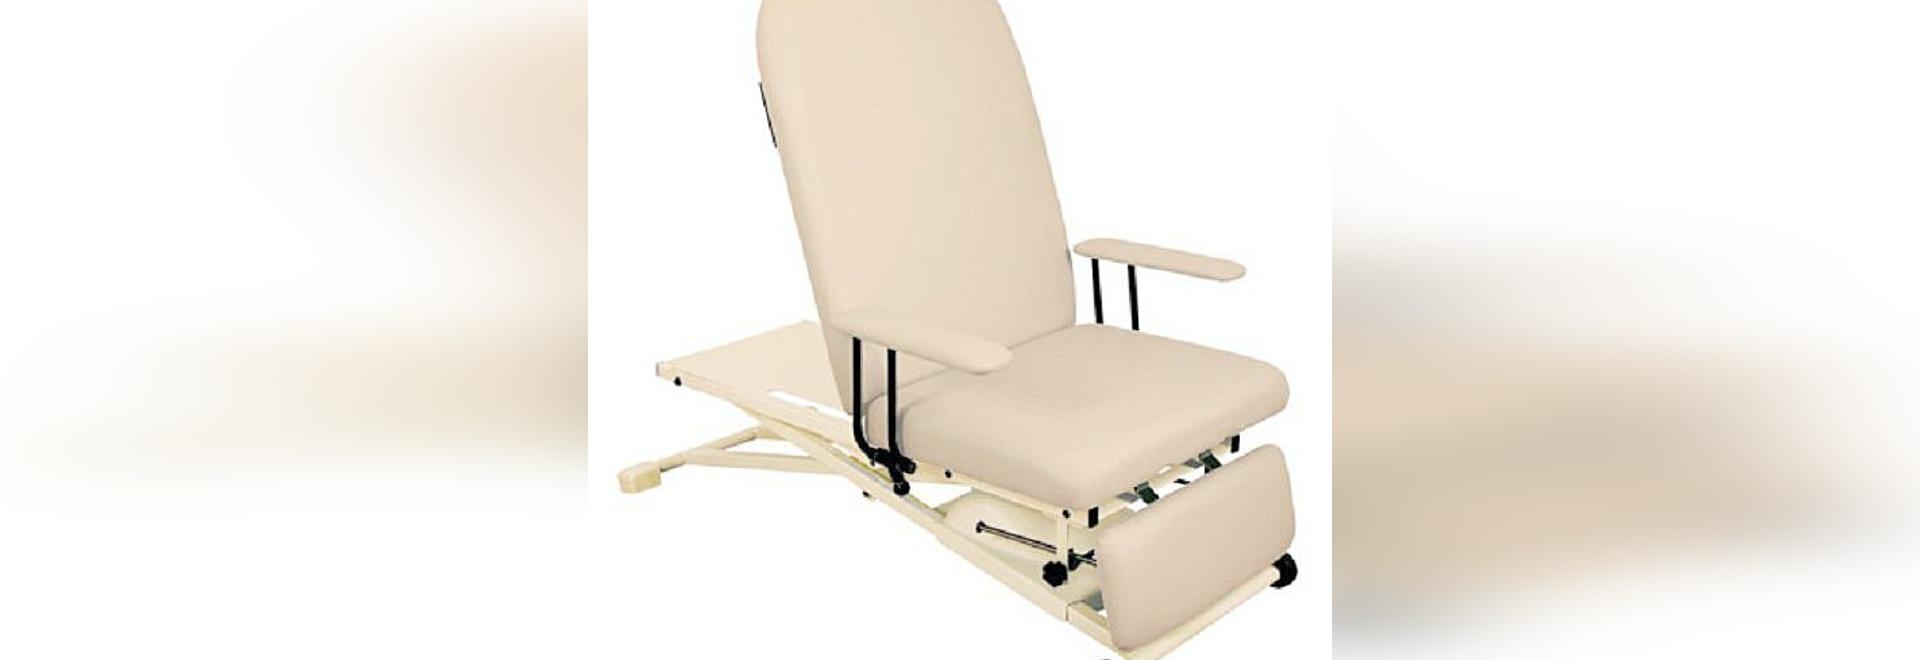 EC Series by Oakworks Medical - Medical procedures chair